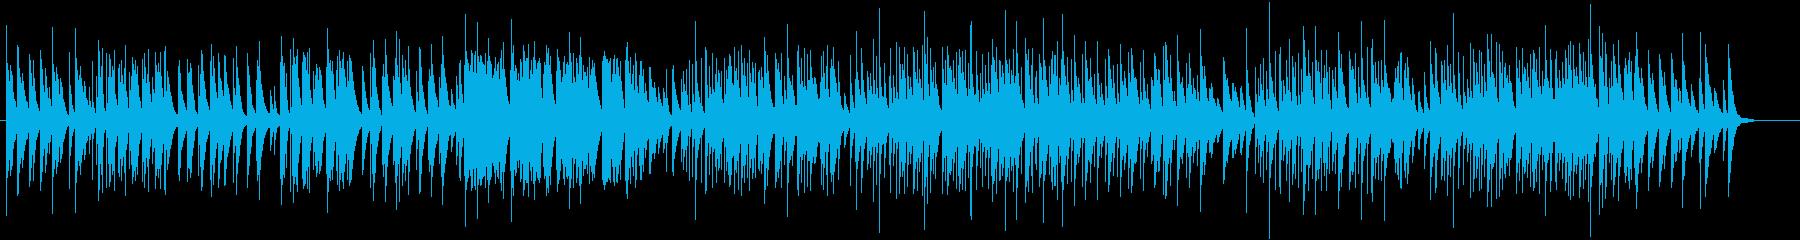 ホスピタリティなやさしいオルゴール74の再生済みの波形